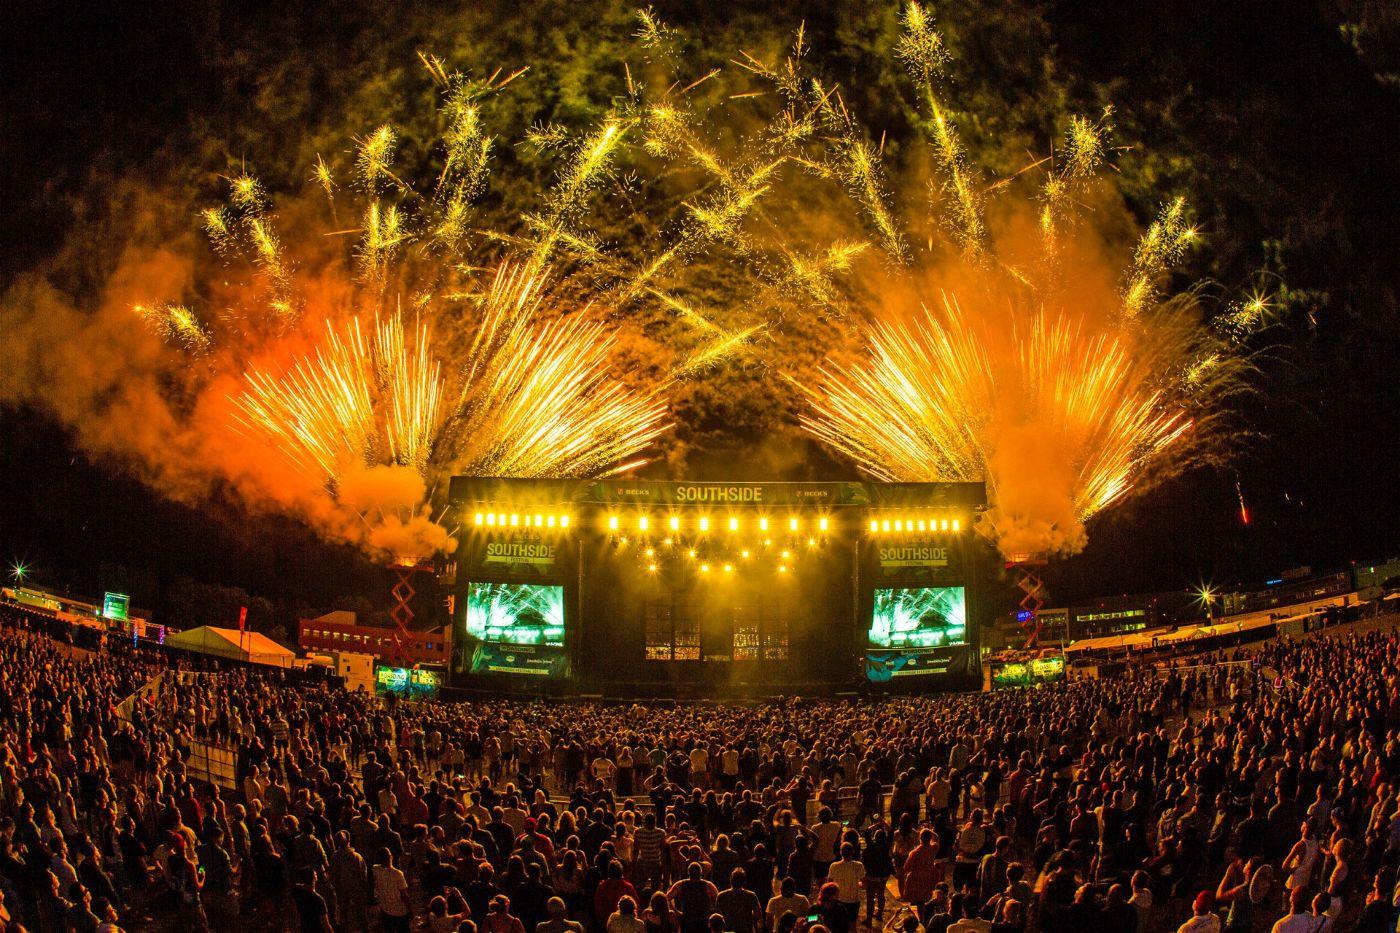 Spektakel im Süden Deutschlands: Beim Southside-Festival treffen sich Zehntausende Besucher.